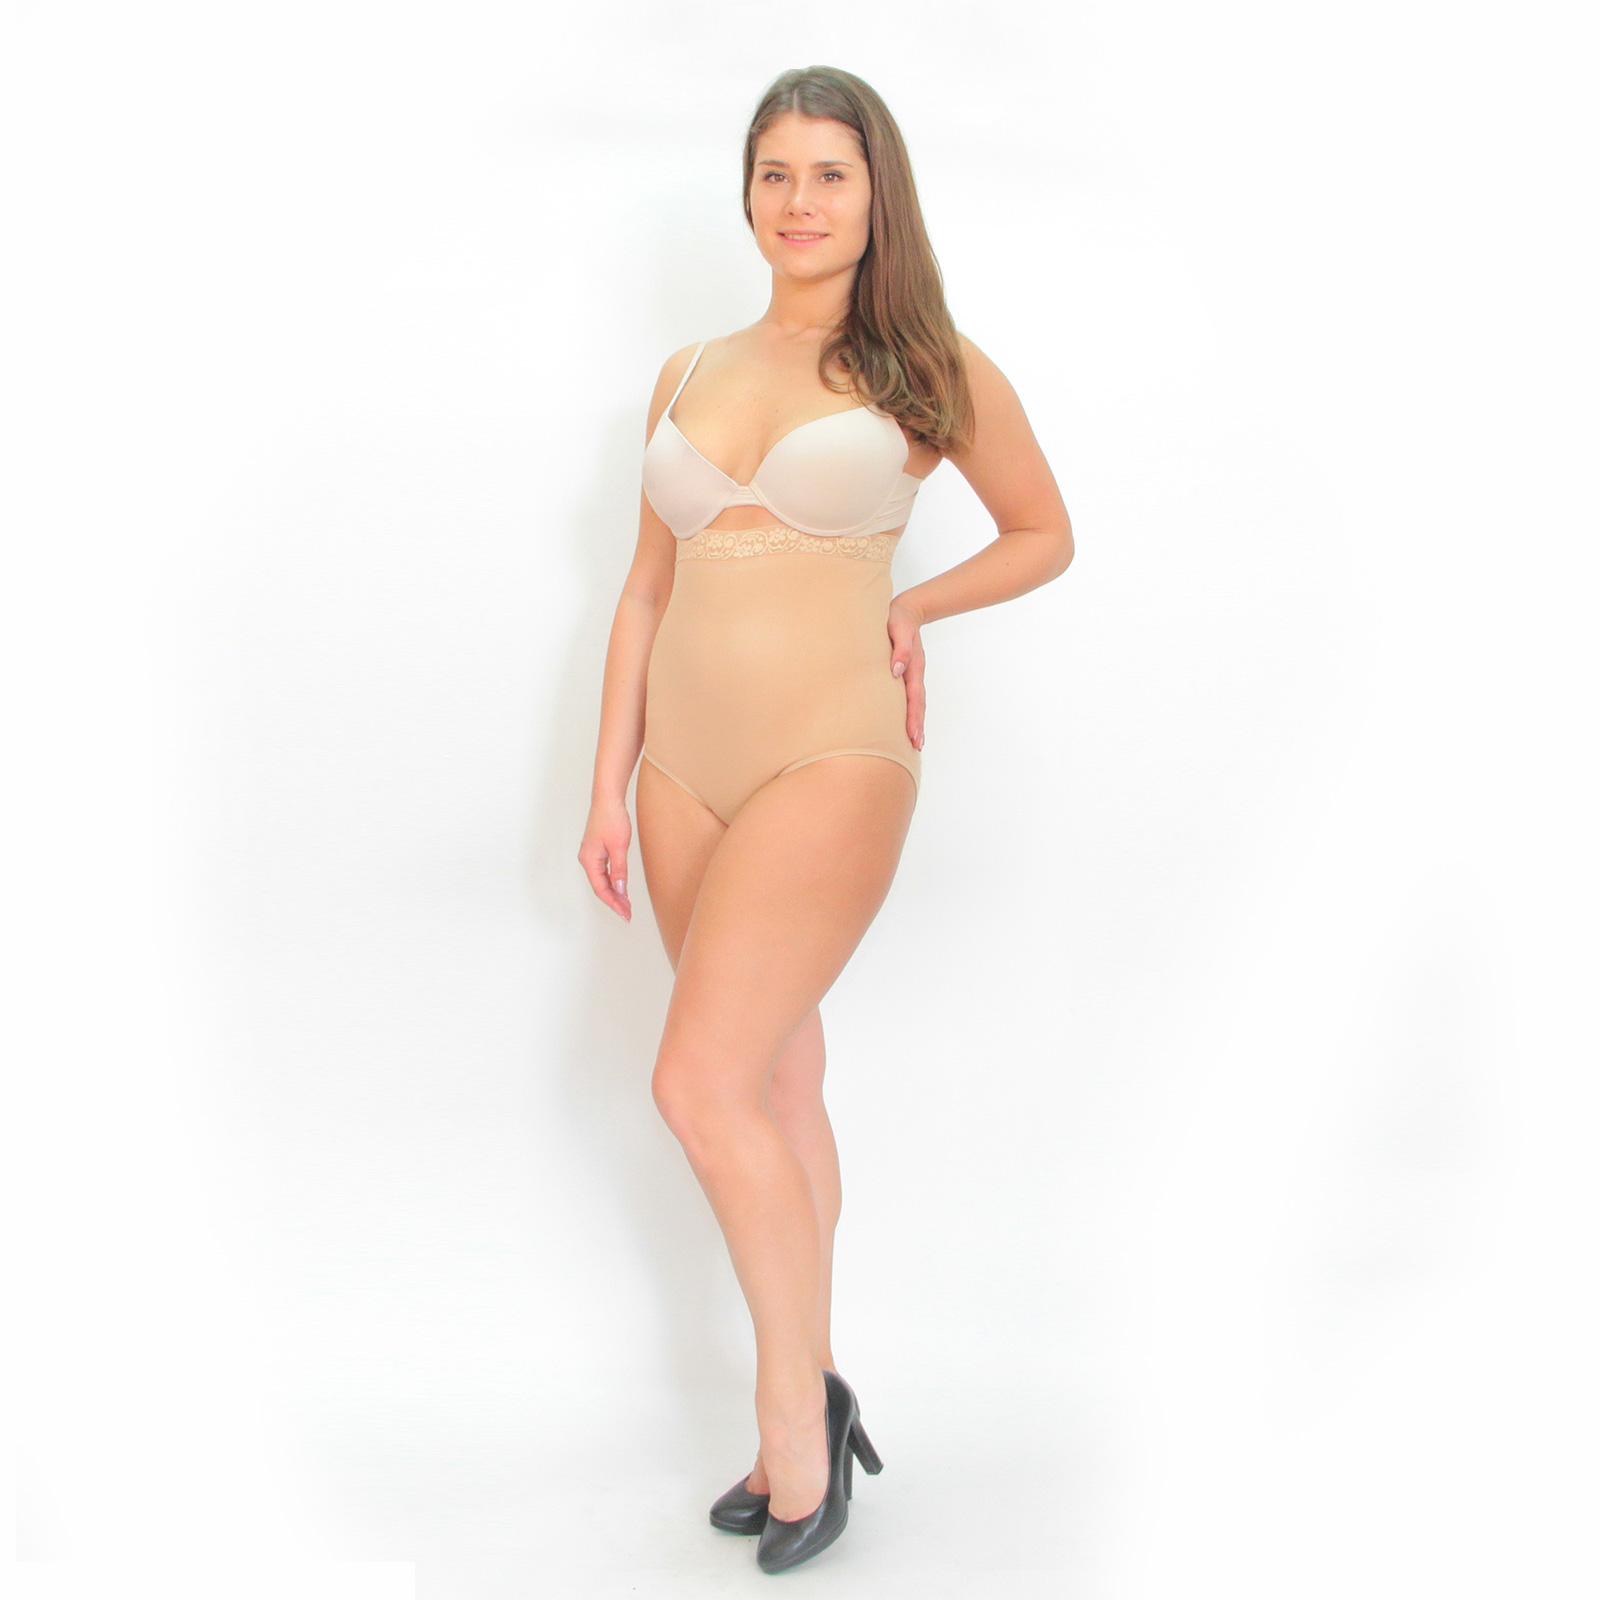 Моделирующие трусы «Ла миа талия»